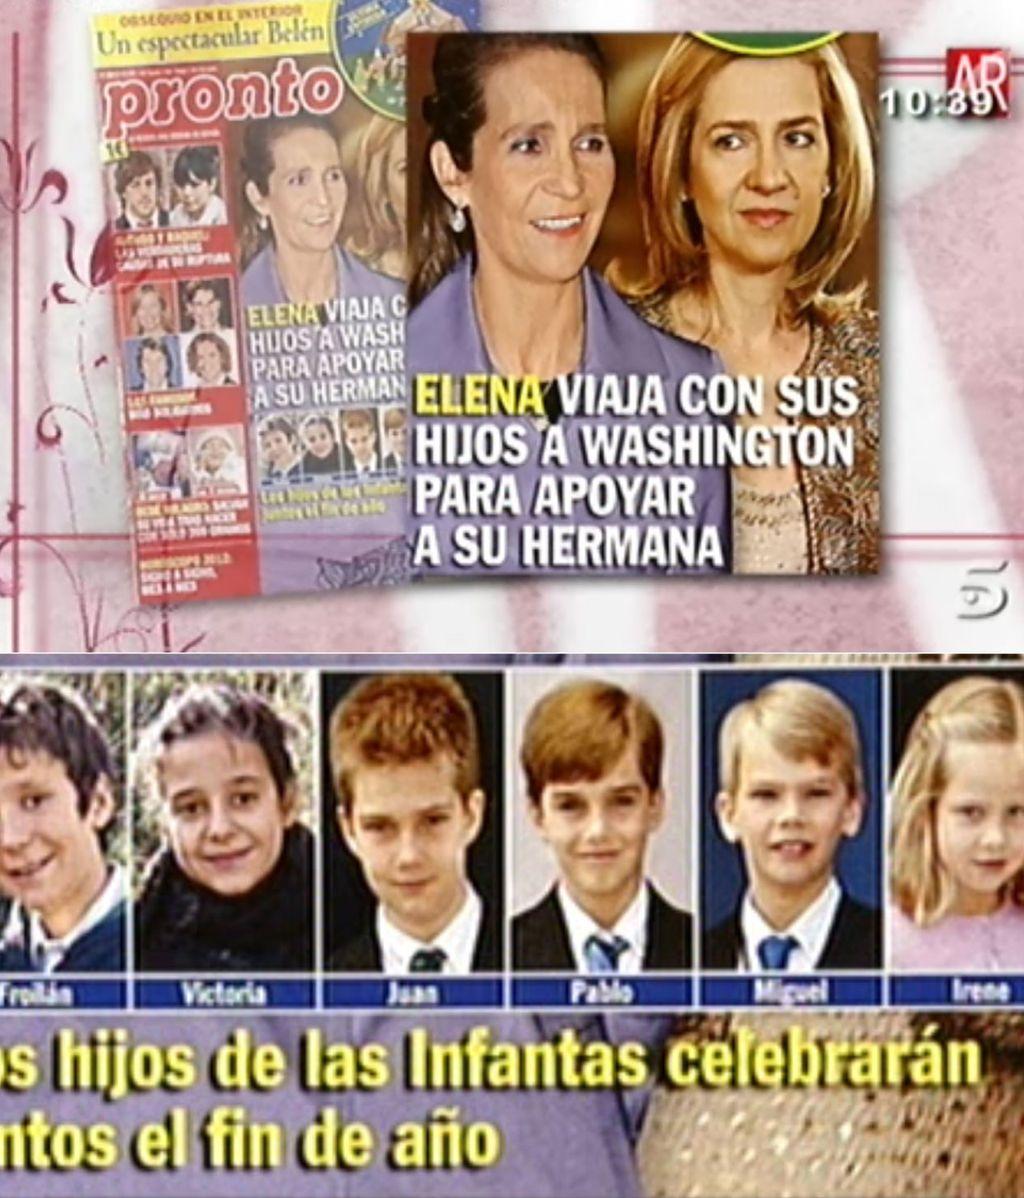 La infanta Elena viajará a Washington para apoyar a su hermana y su cuñado